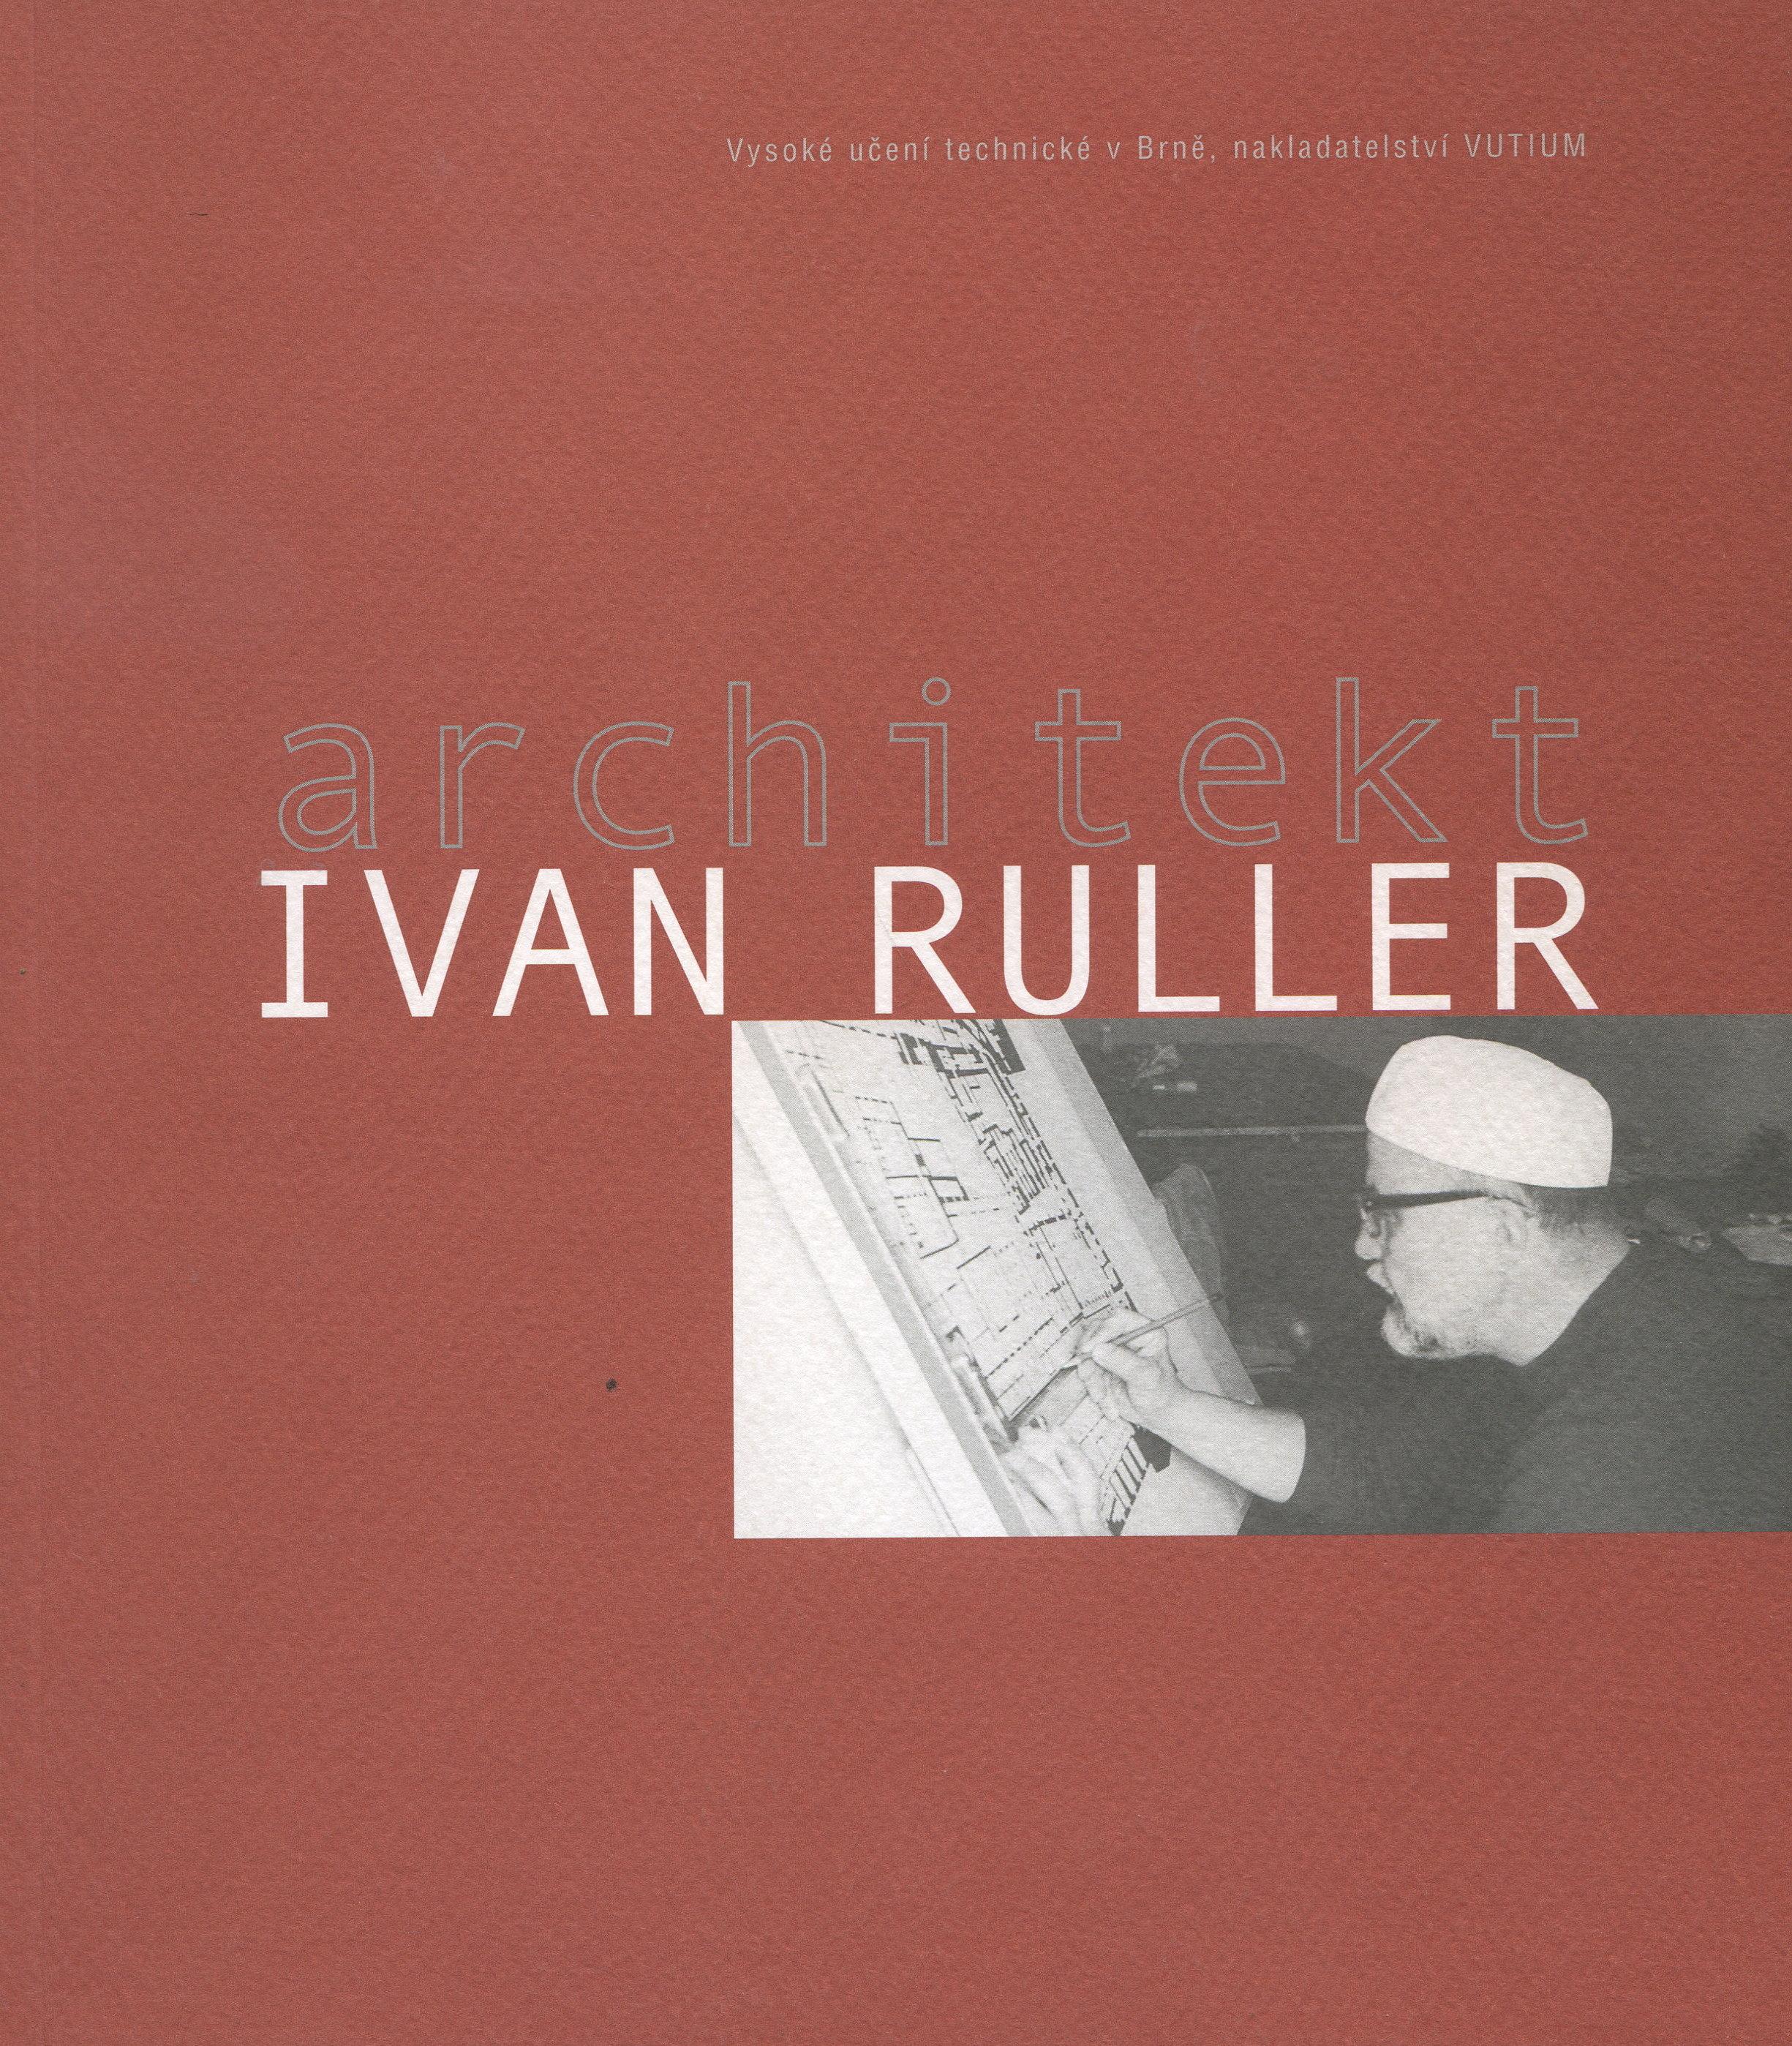 Architekt Ivan Ruller